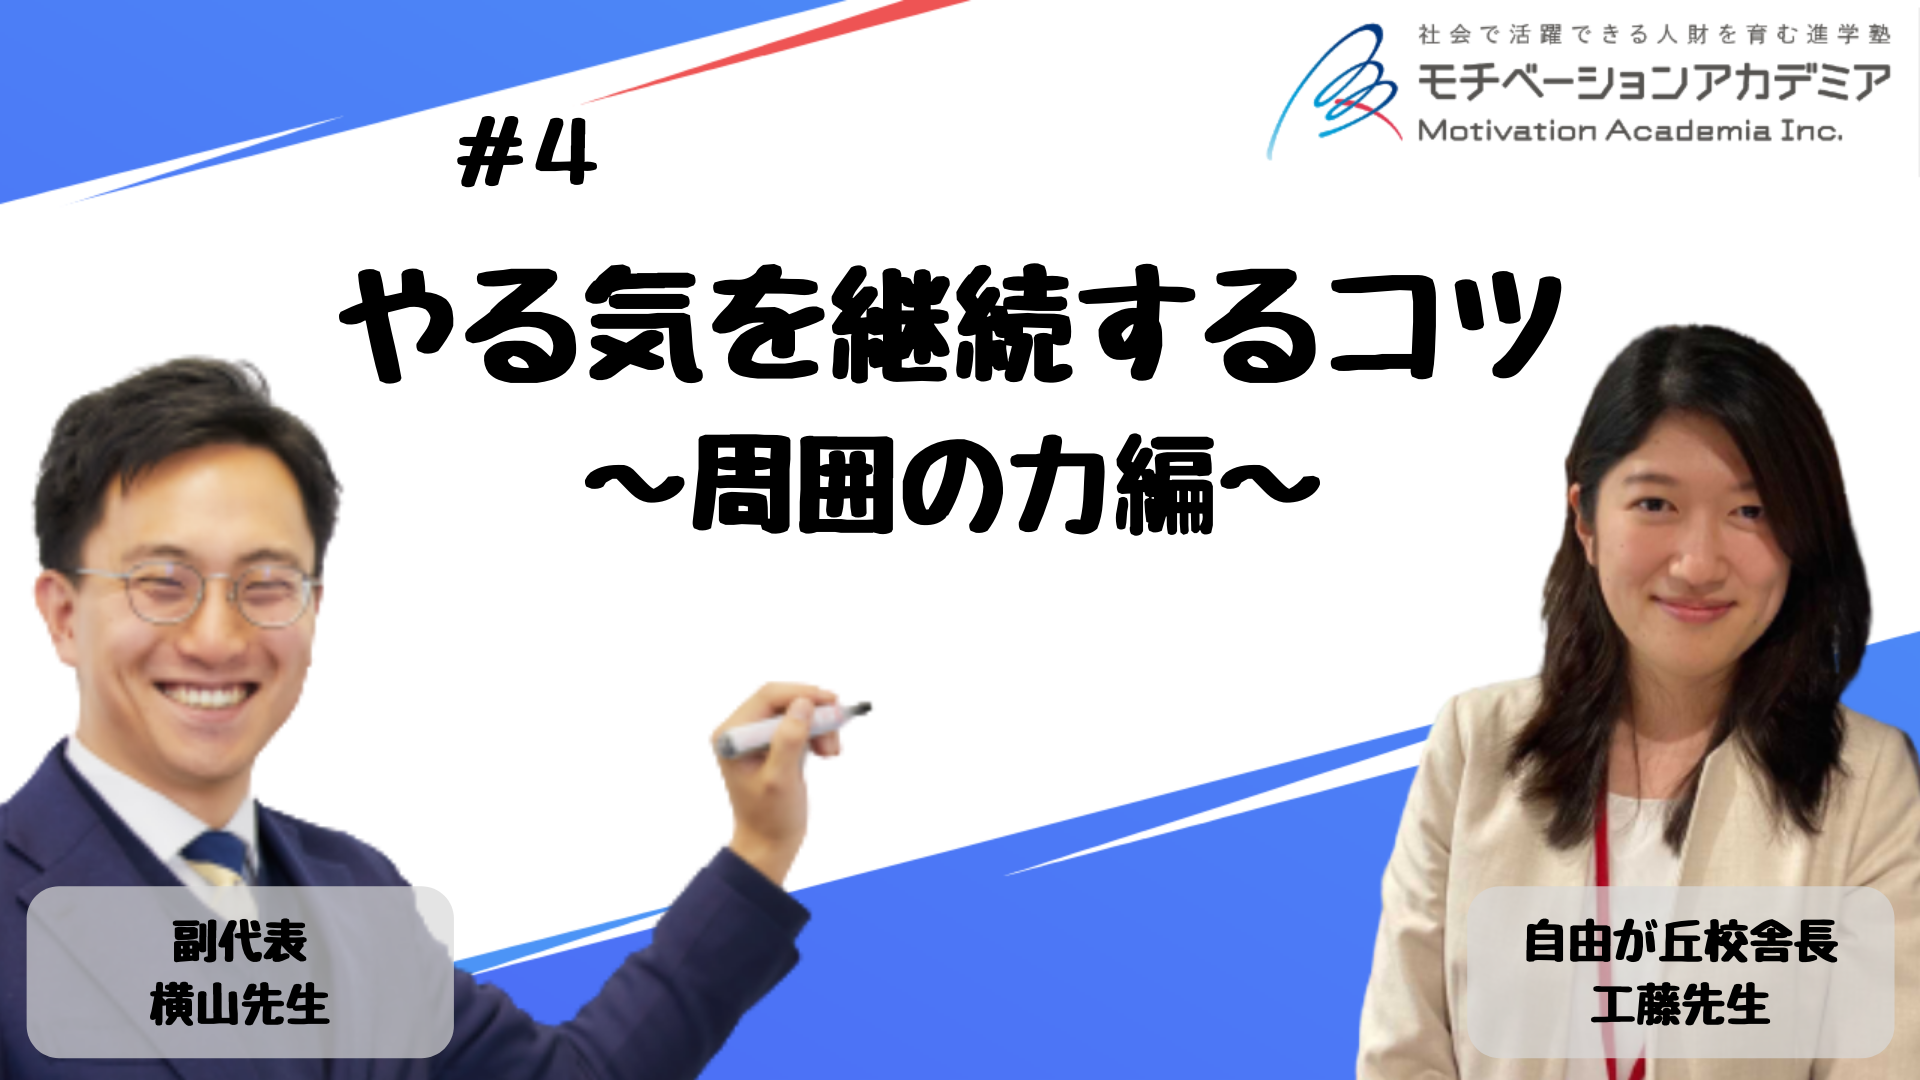 【動画】#4 やる気を継続するコツ~周囲の力編~